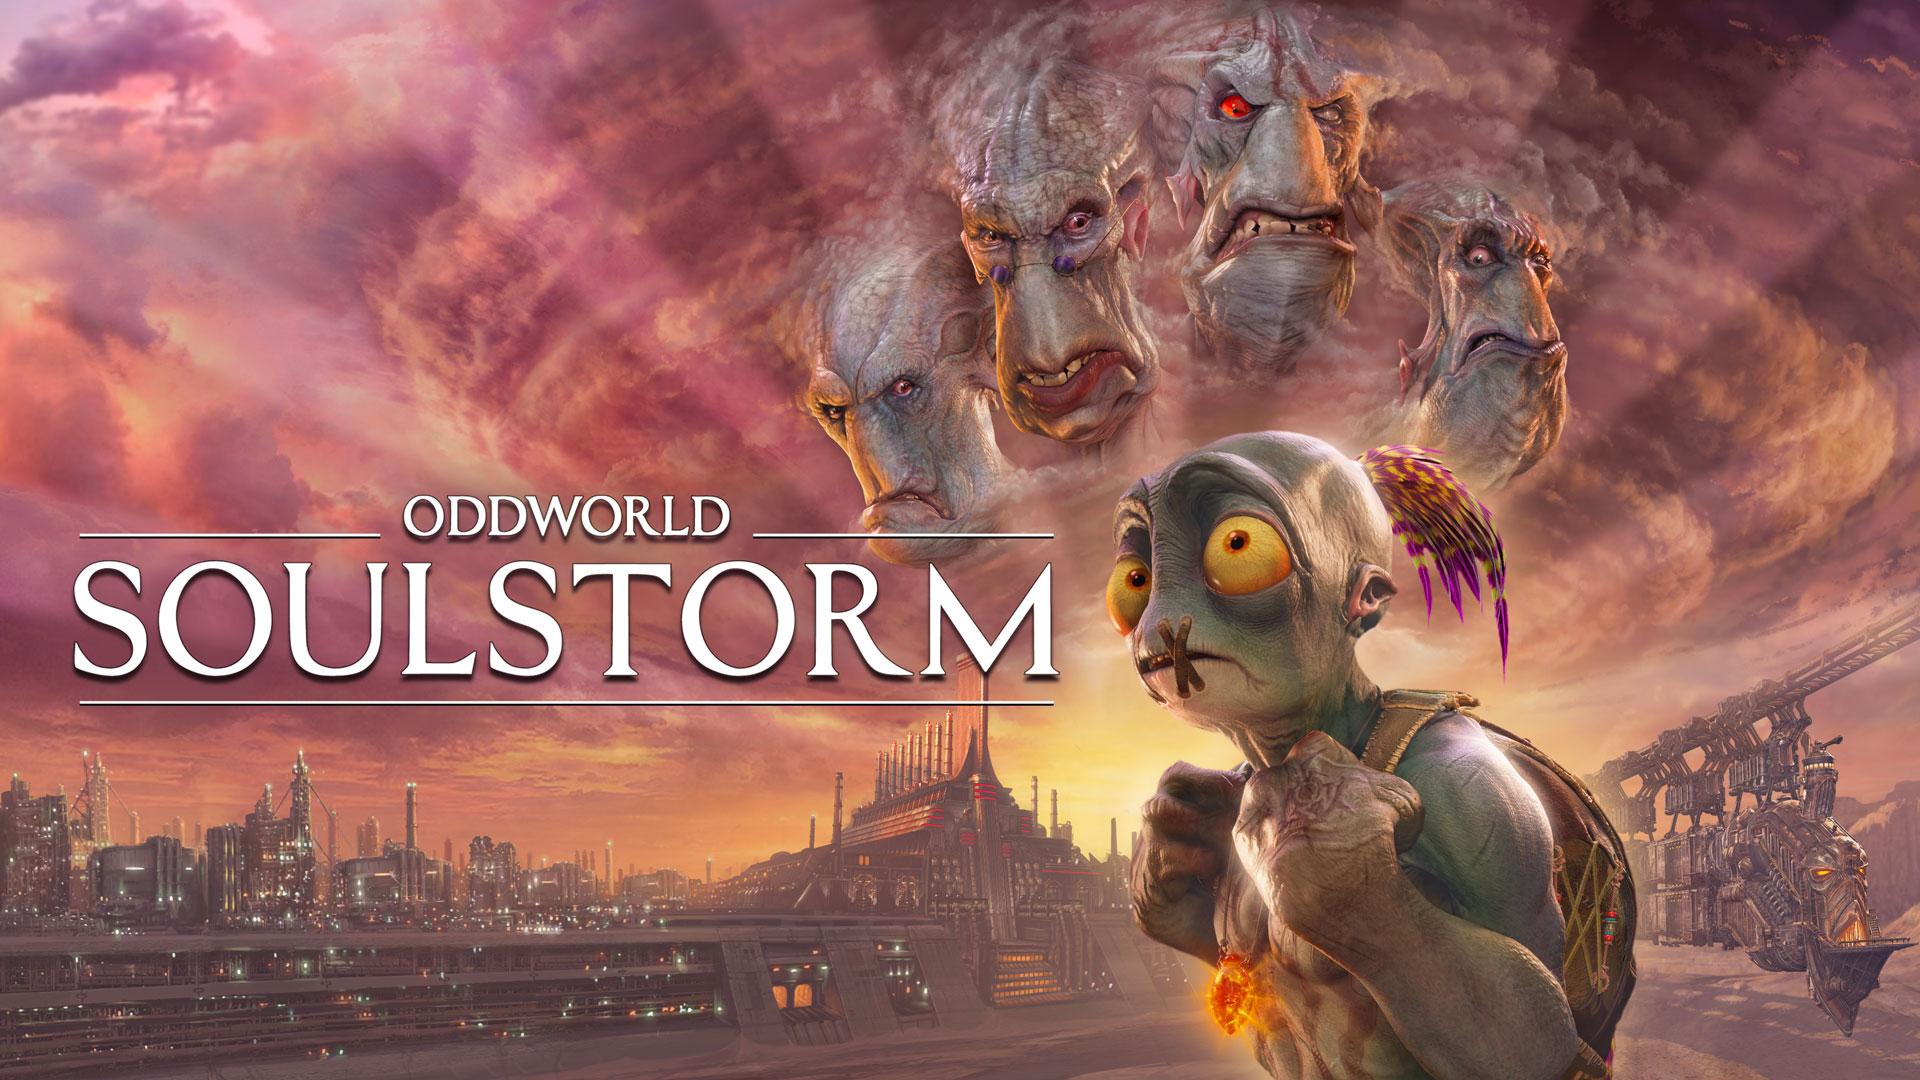 April - Oddword: Soulstorm